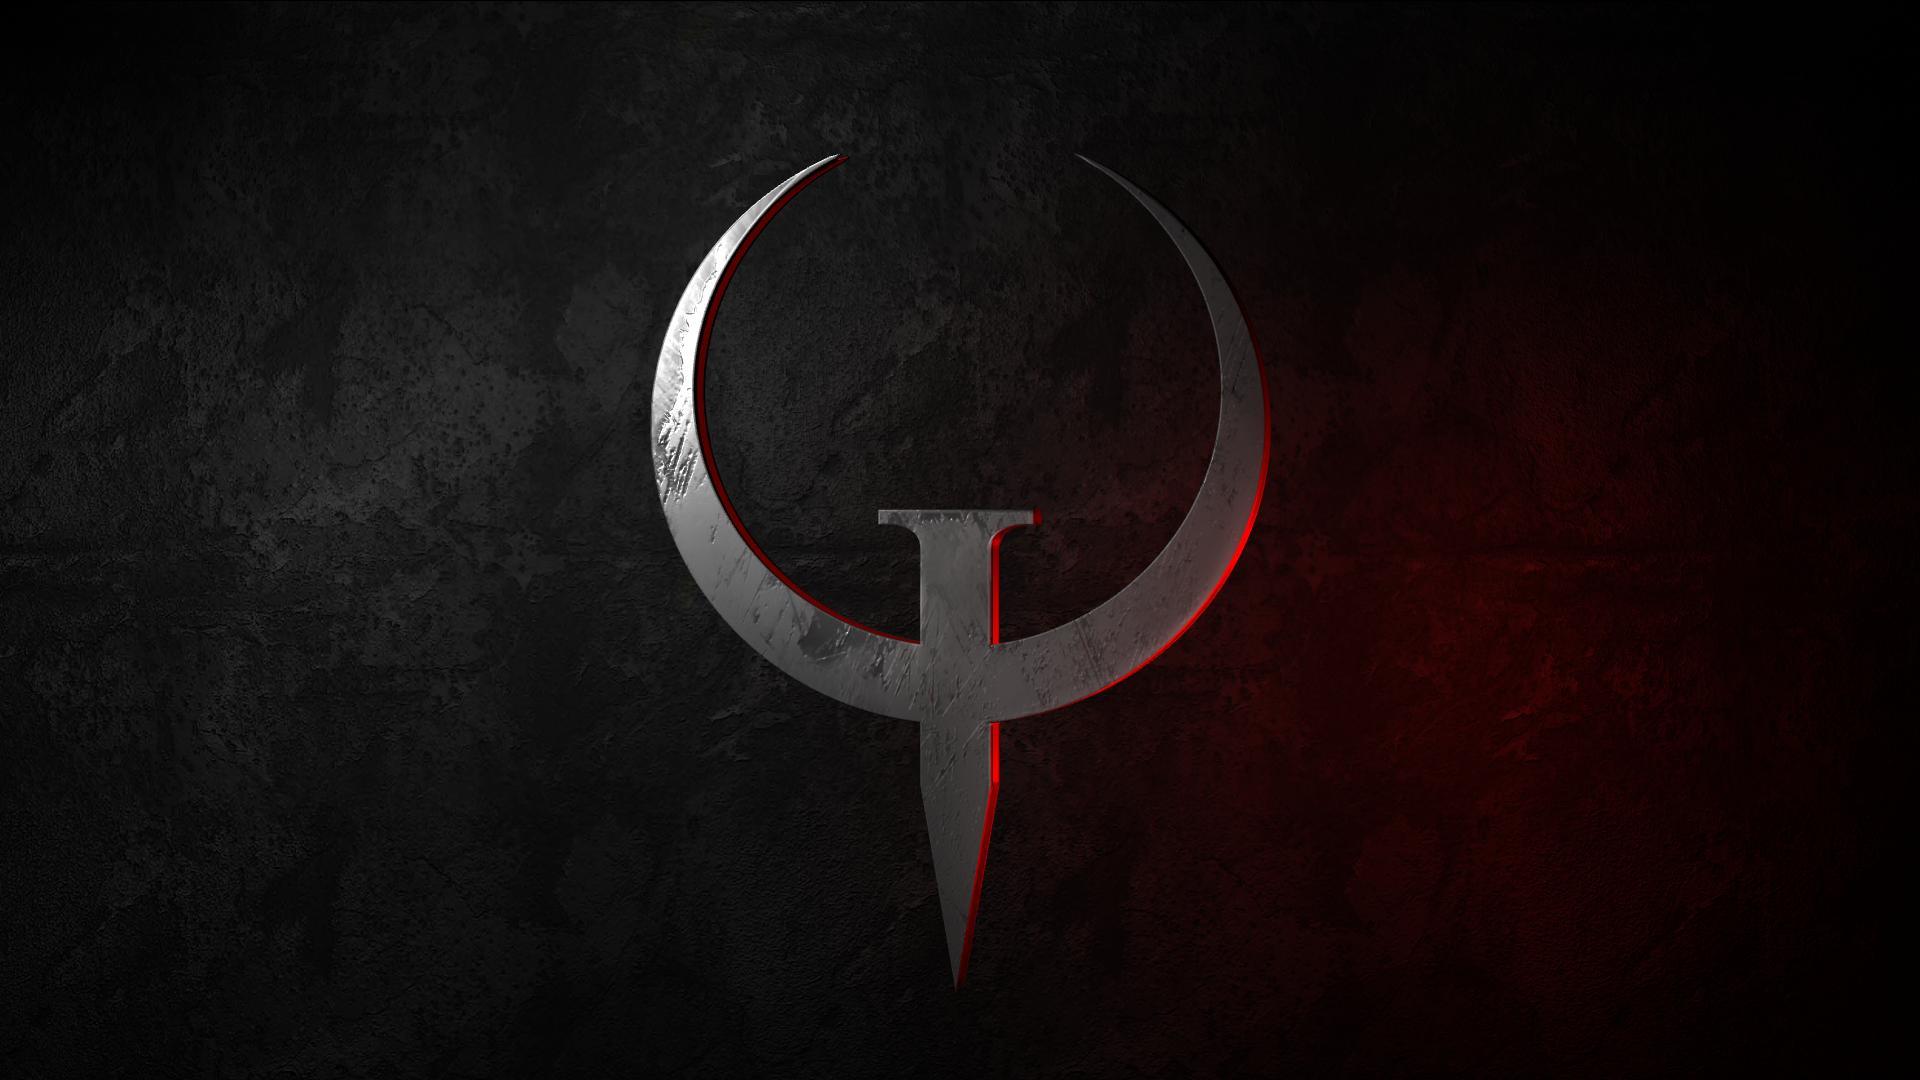 В Quake Champions появится Строгг — персонаж из Quake 2